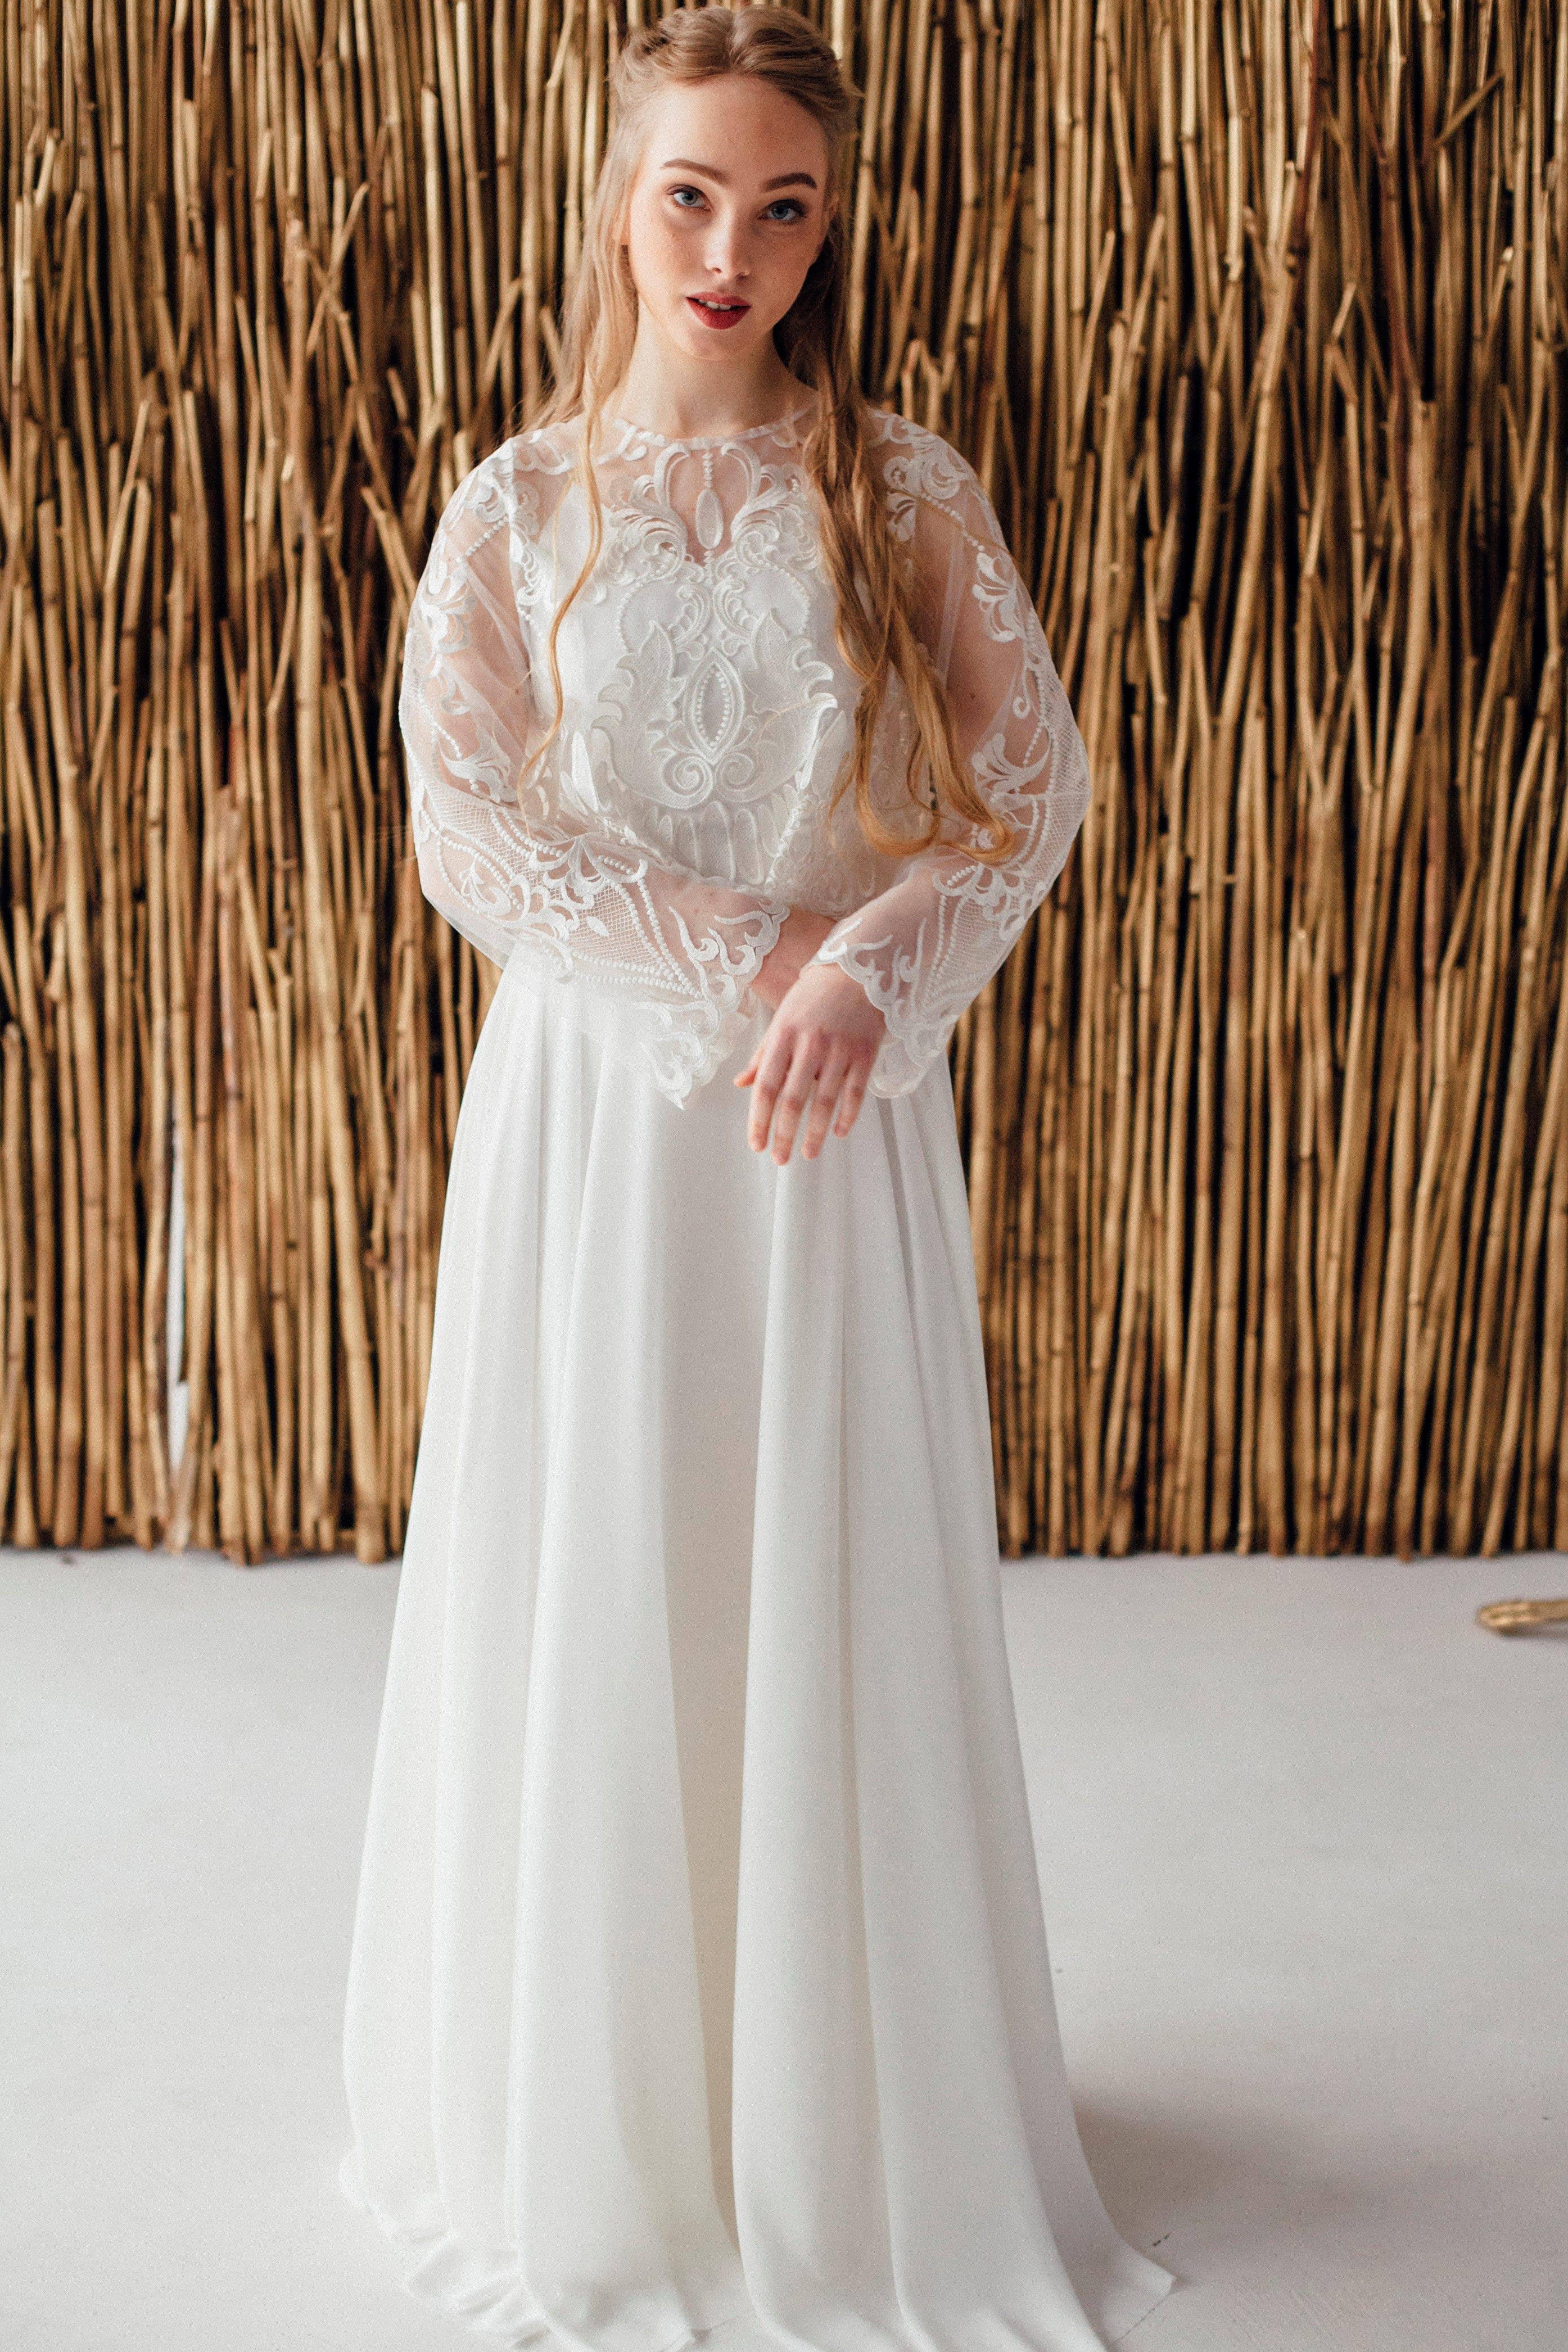 Свадебное платье ESTER, коллекция MAGIC OF TENDERNESS, бренд LORA SONG, фото 1